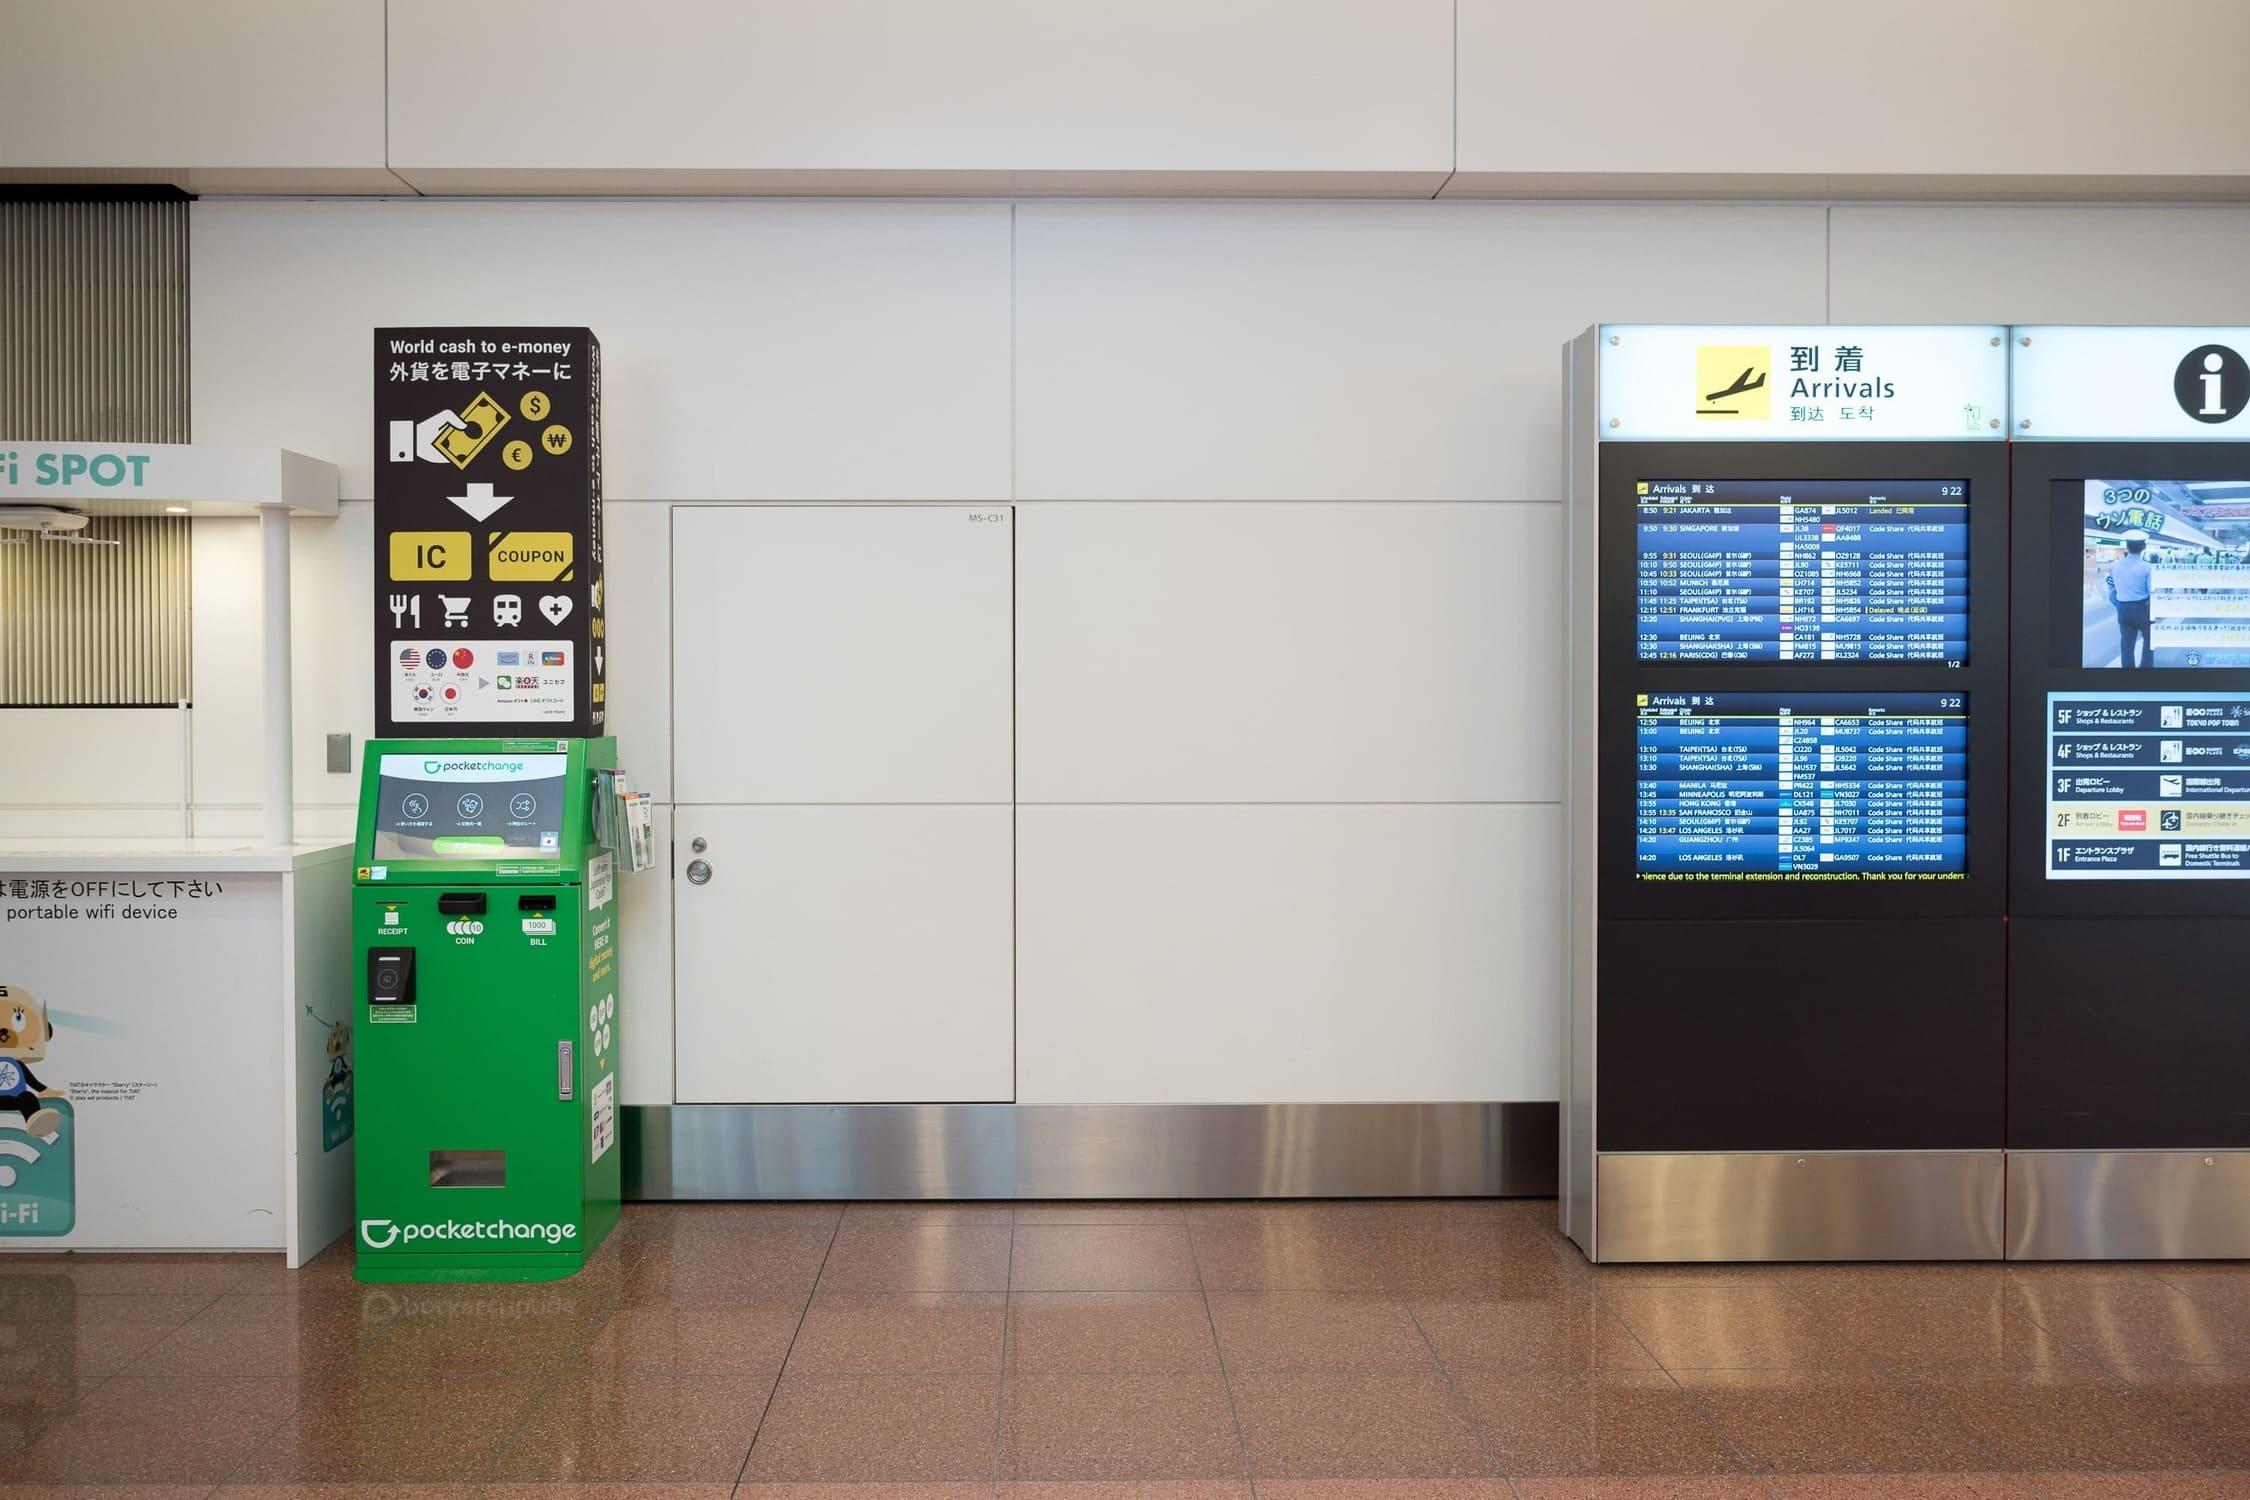 これで迷わない!羽田空港国際線ロビーで知っておきたい場所!